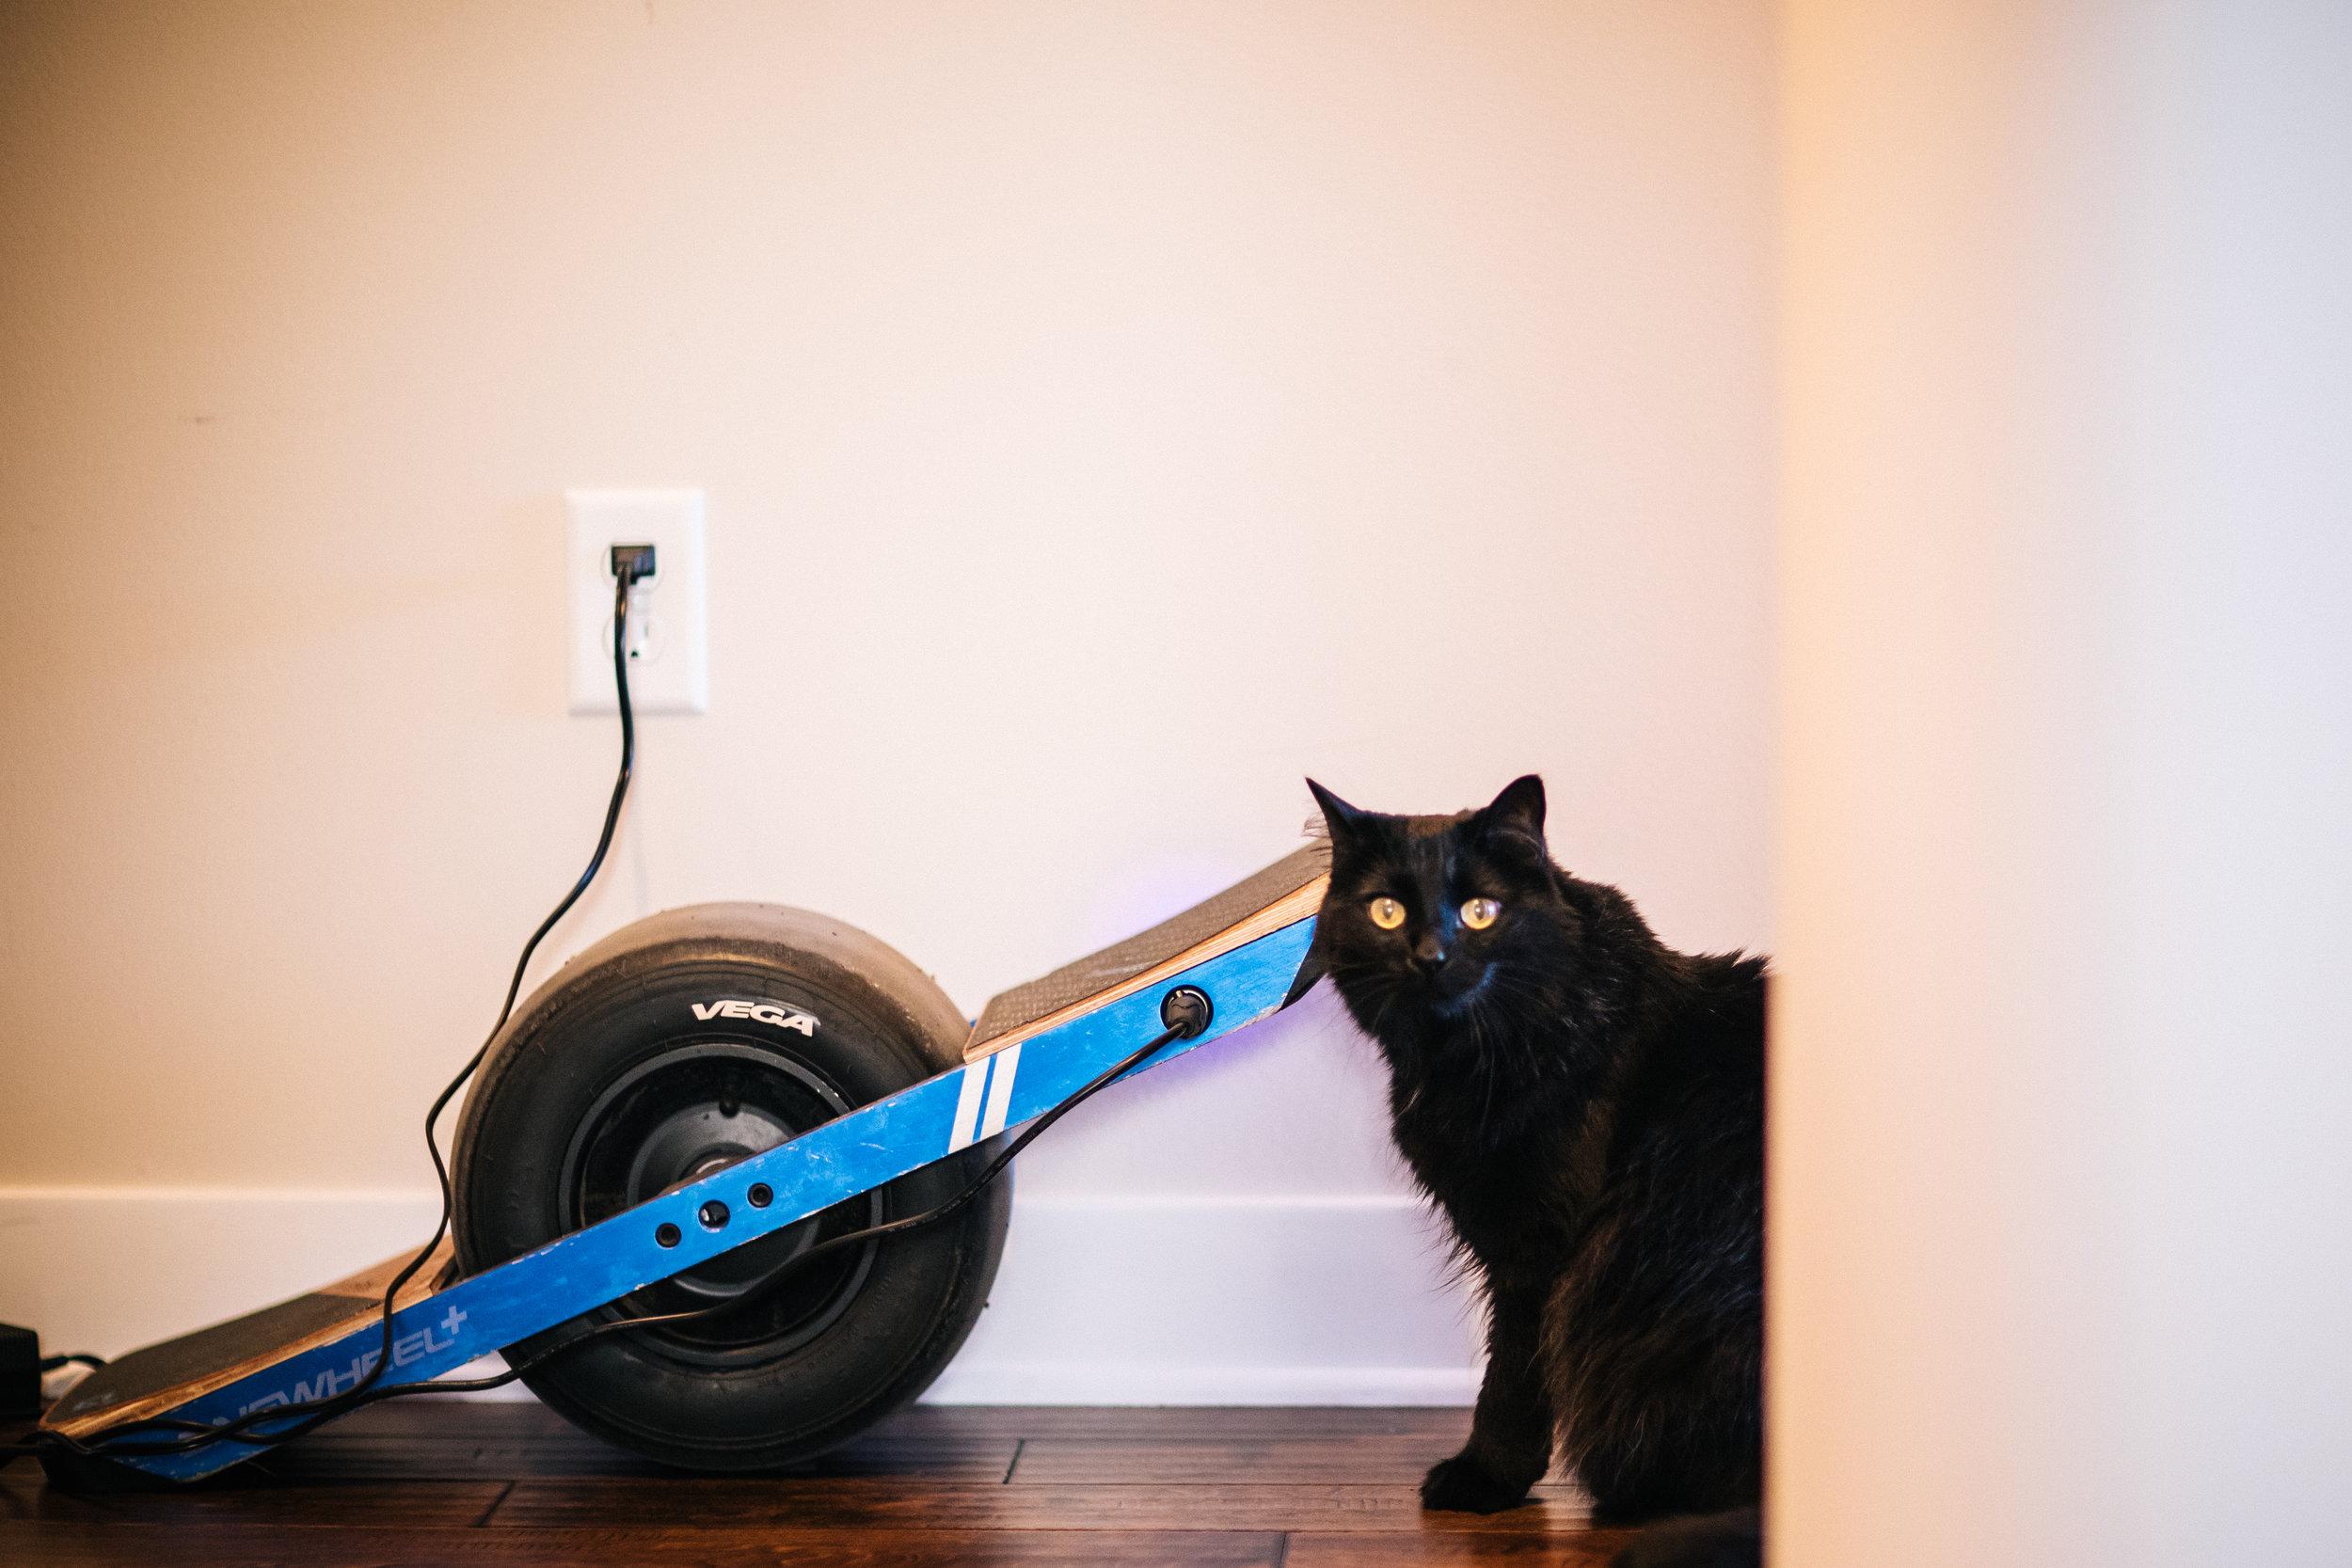 One Wheel Cat